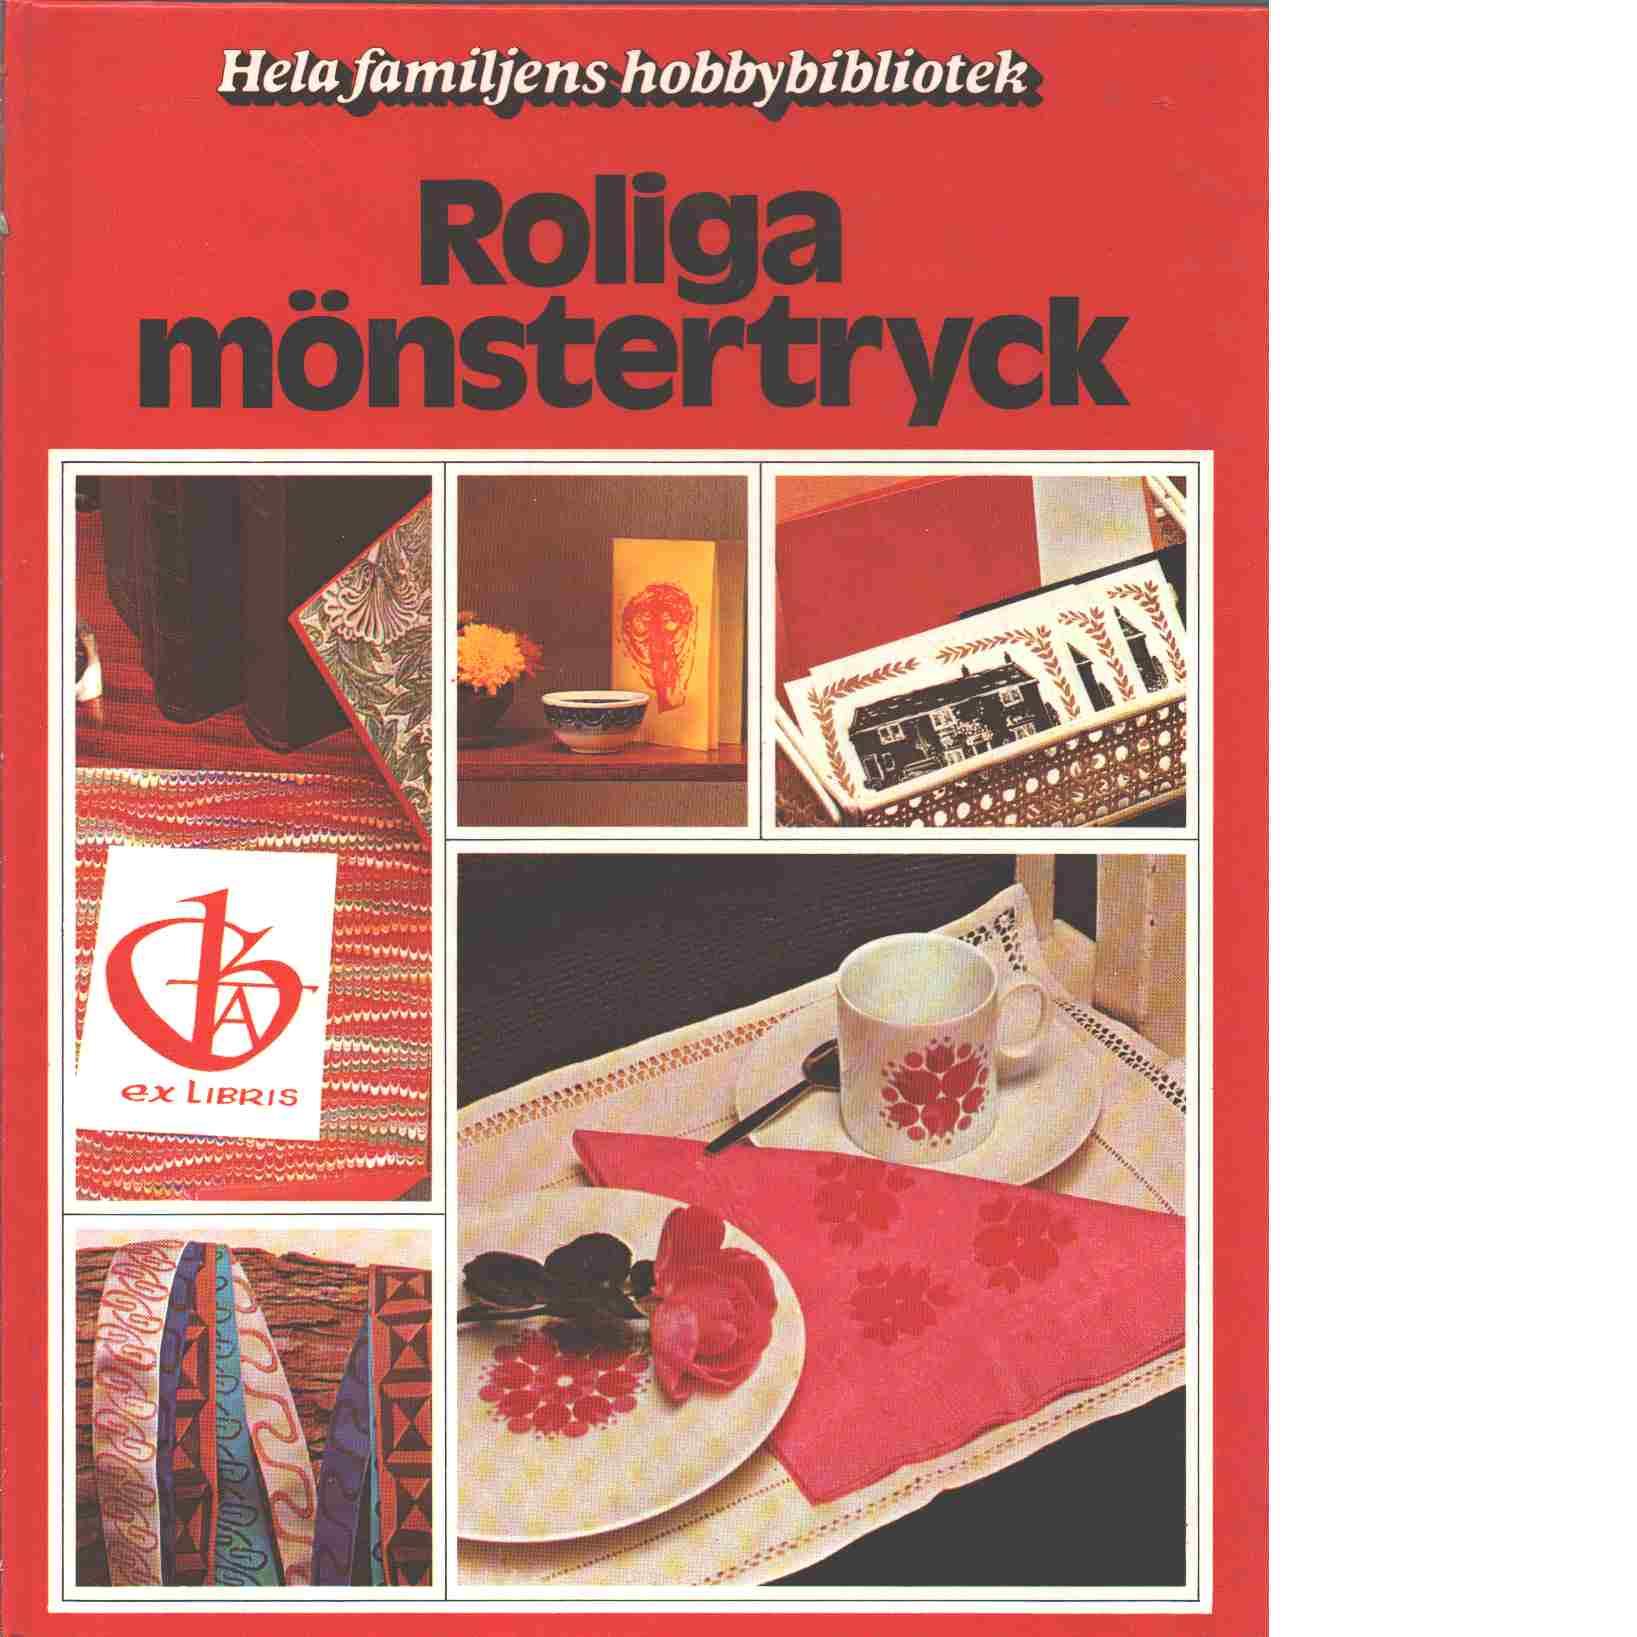 Roliga mönstertryck : en bok med idéer steg för steg - Red.